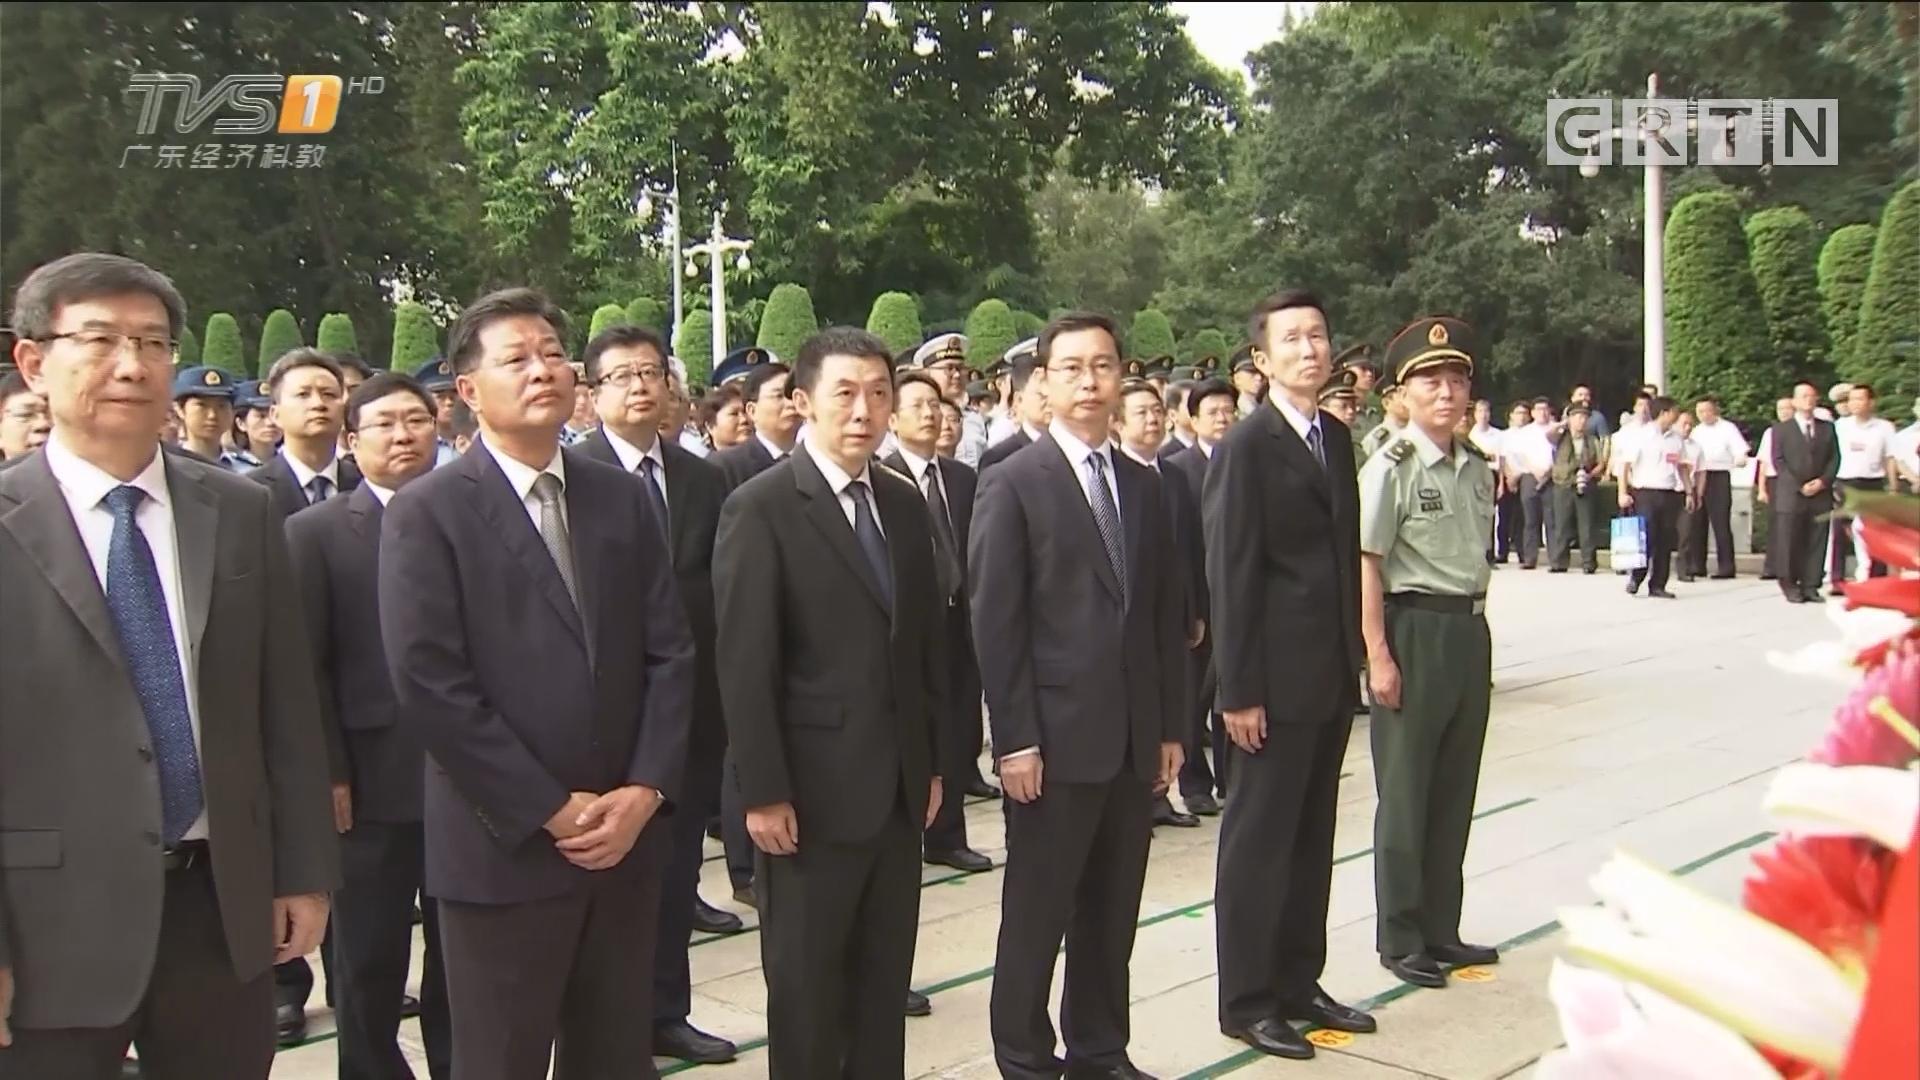 广东省暨广州市各界隆重举行公祭烈士活动